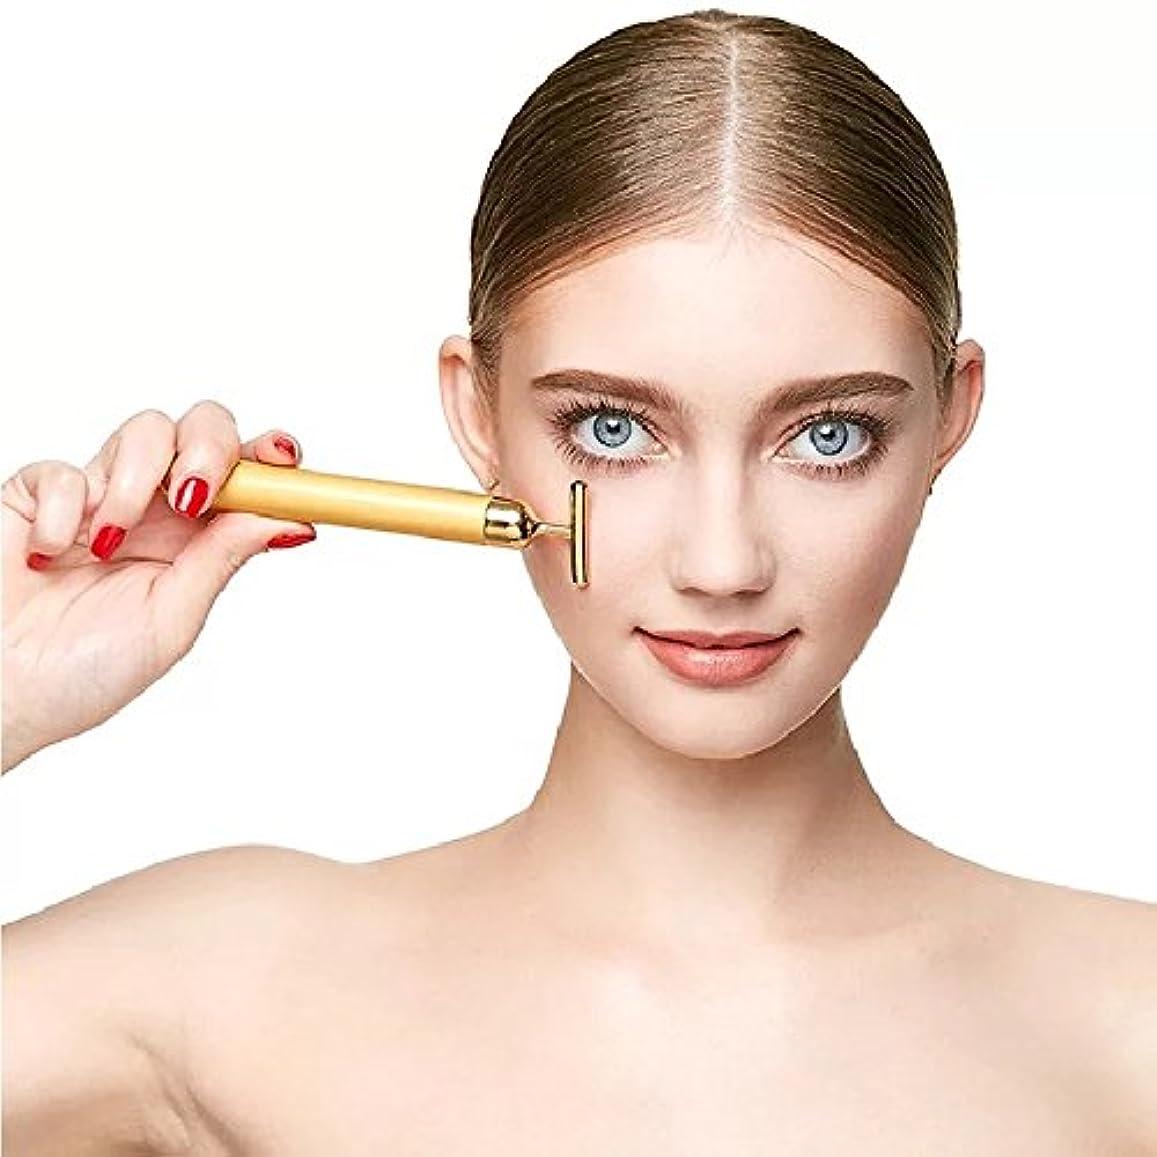 日記書く用心深いYSBER 24K Beauty Bar T型美肌 しわの除去/超音波美顔器